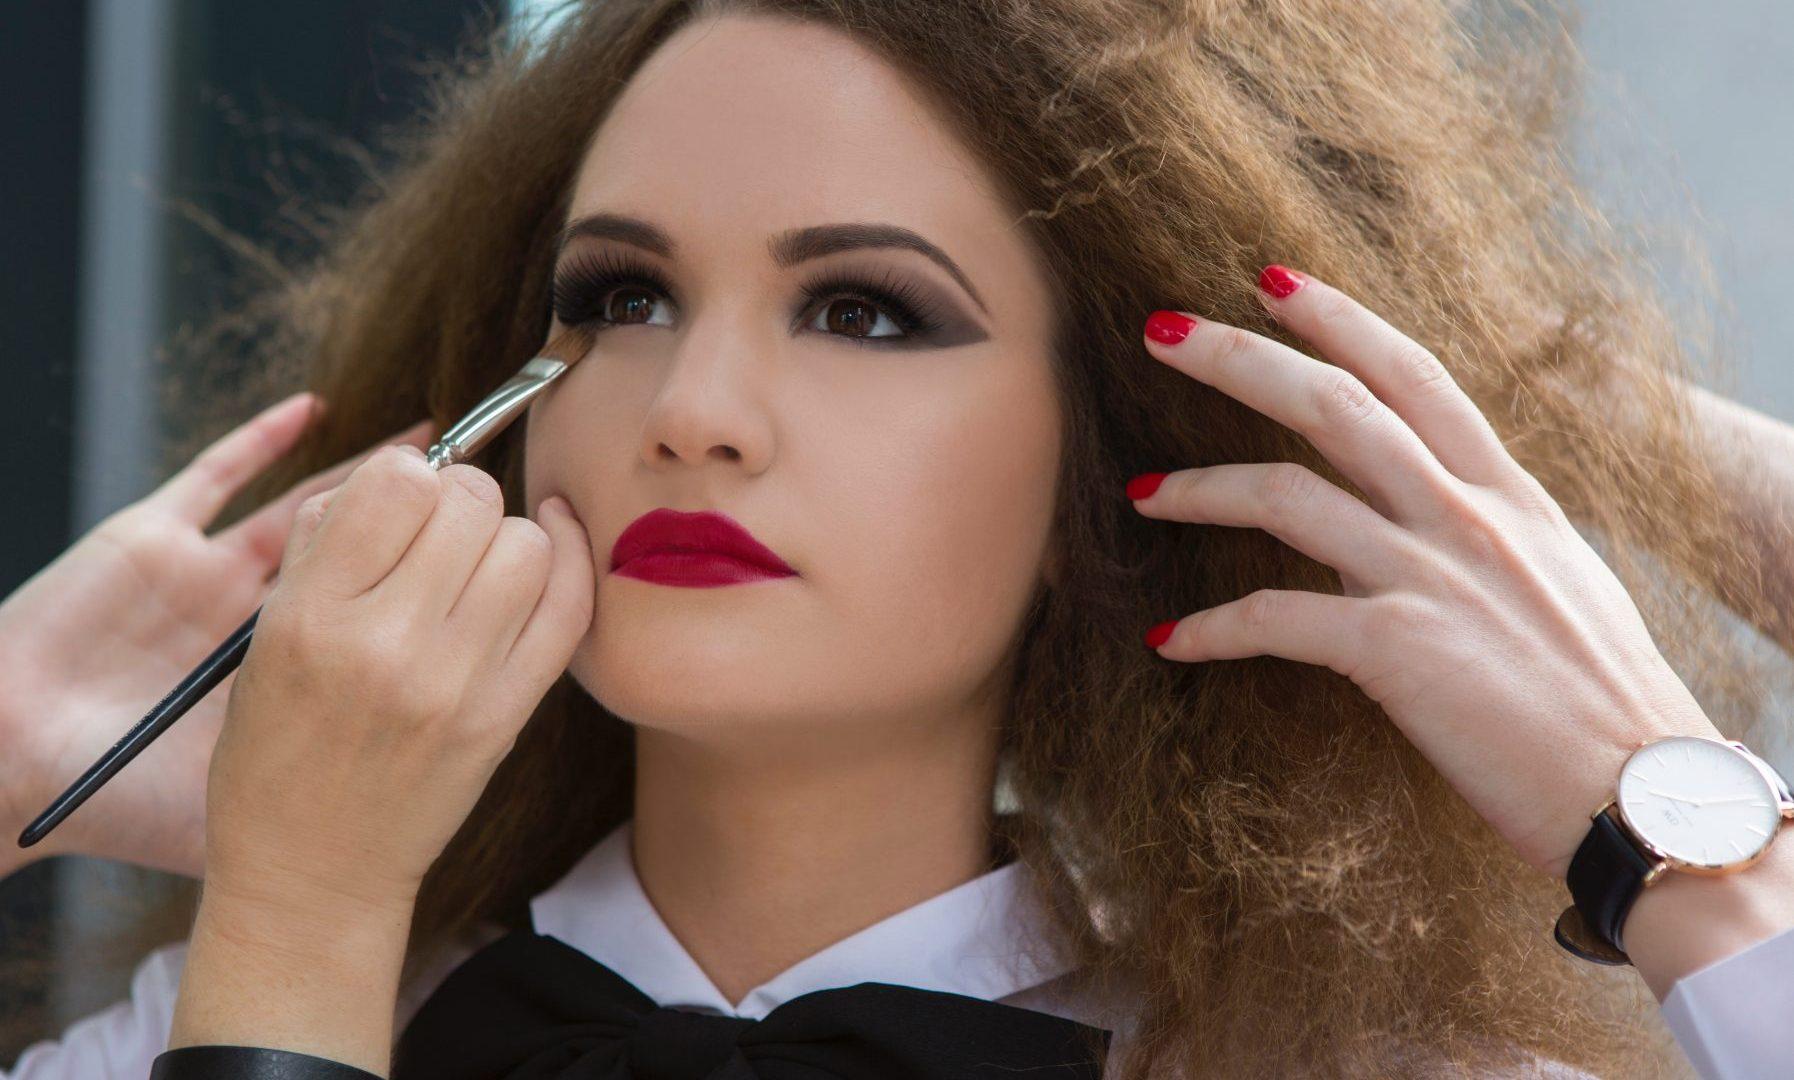 Ресницы-паучки, стиль девяностых и бронзинг: топ-5 трендов летнего макияжа 2019